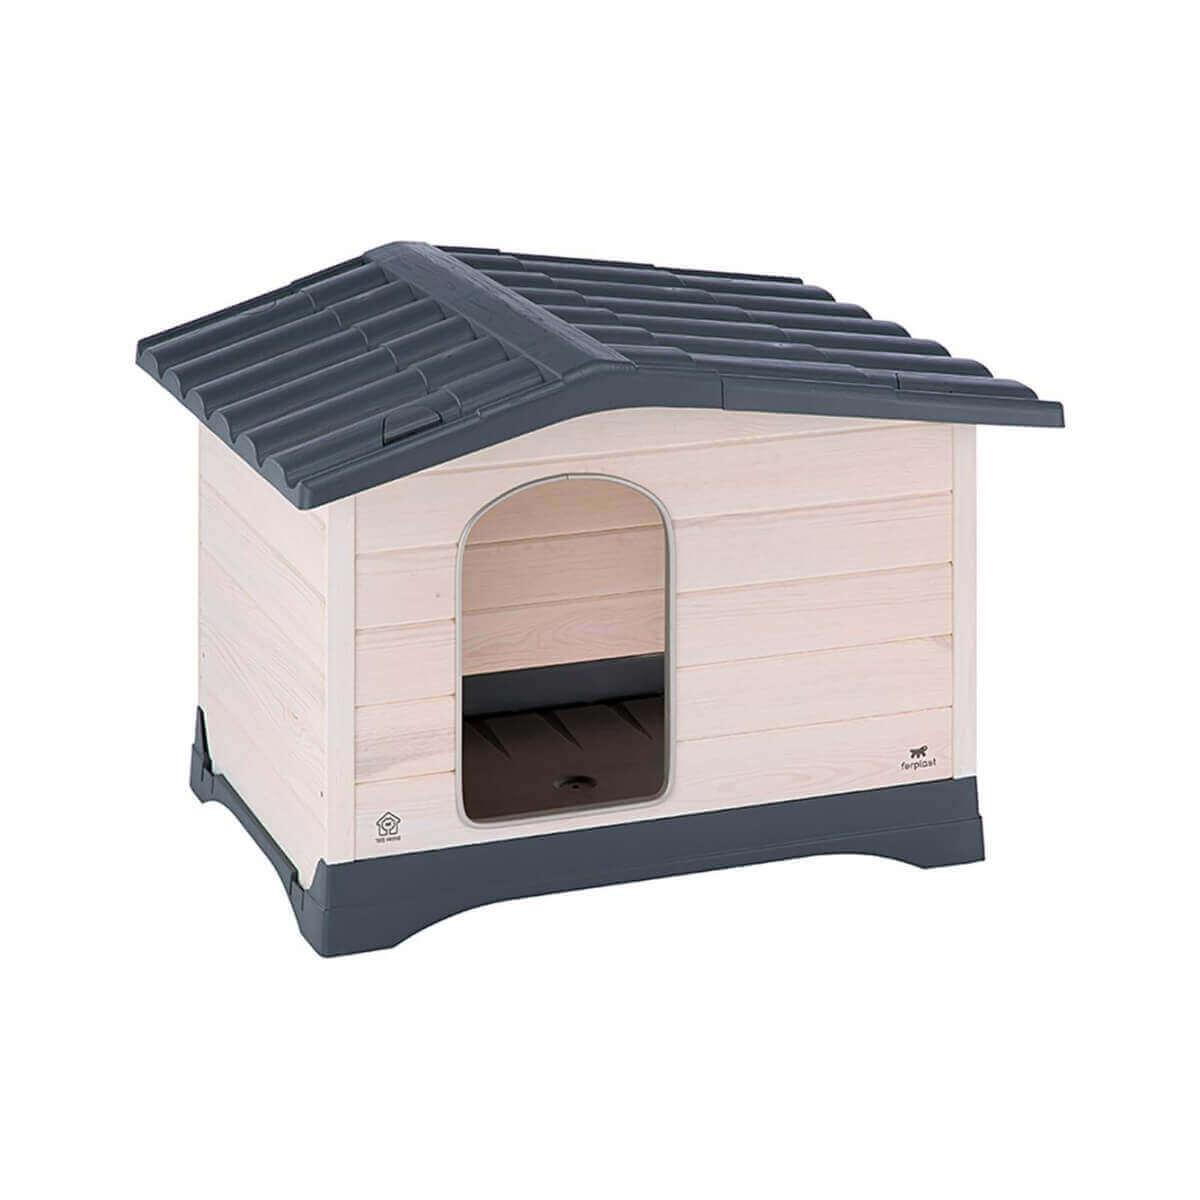 Caseta de madera y techo de pl stico dog lodge para perros for Caseta perro pvc